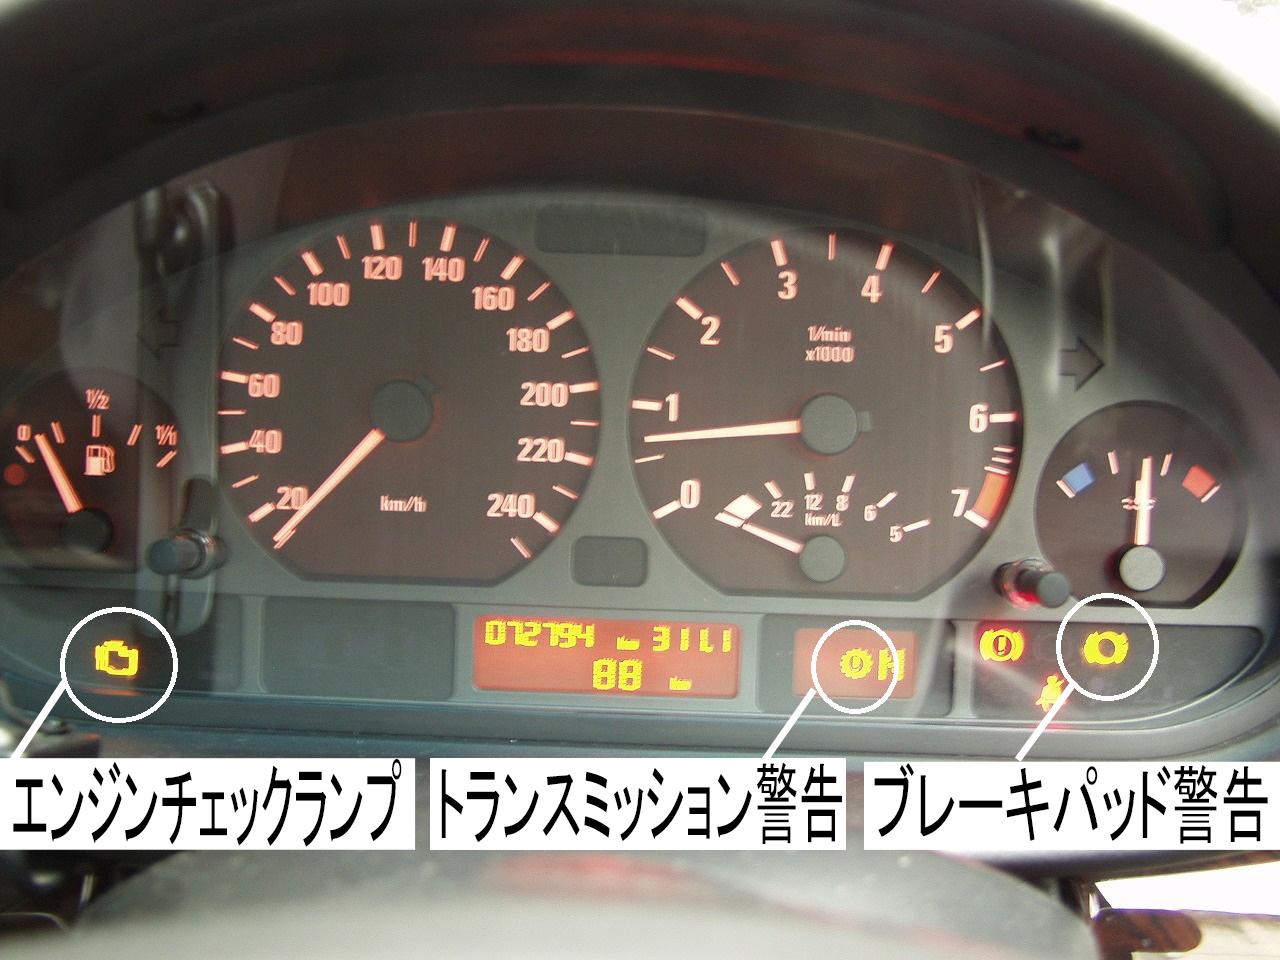 BMW E46 320i メーターパネルの警告灯が複数点灯画像